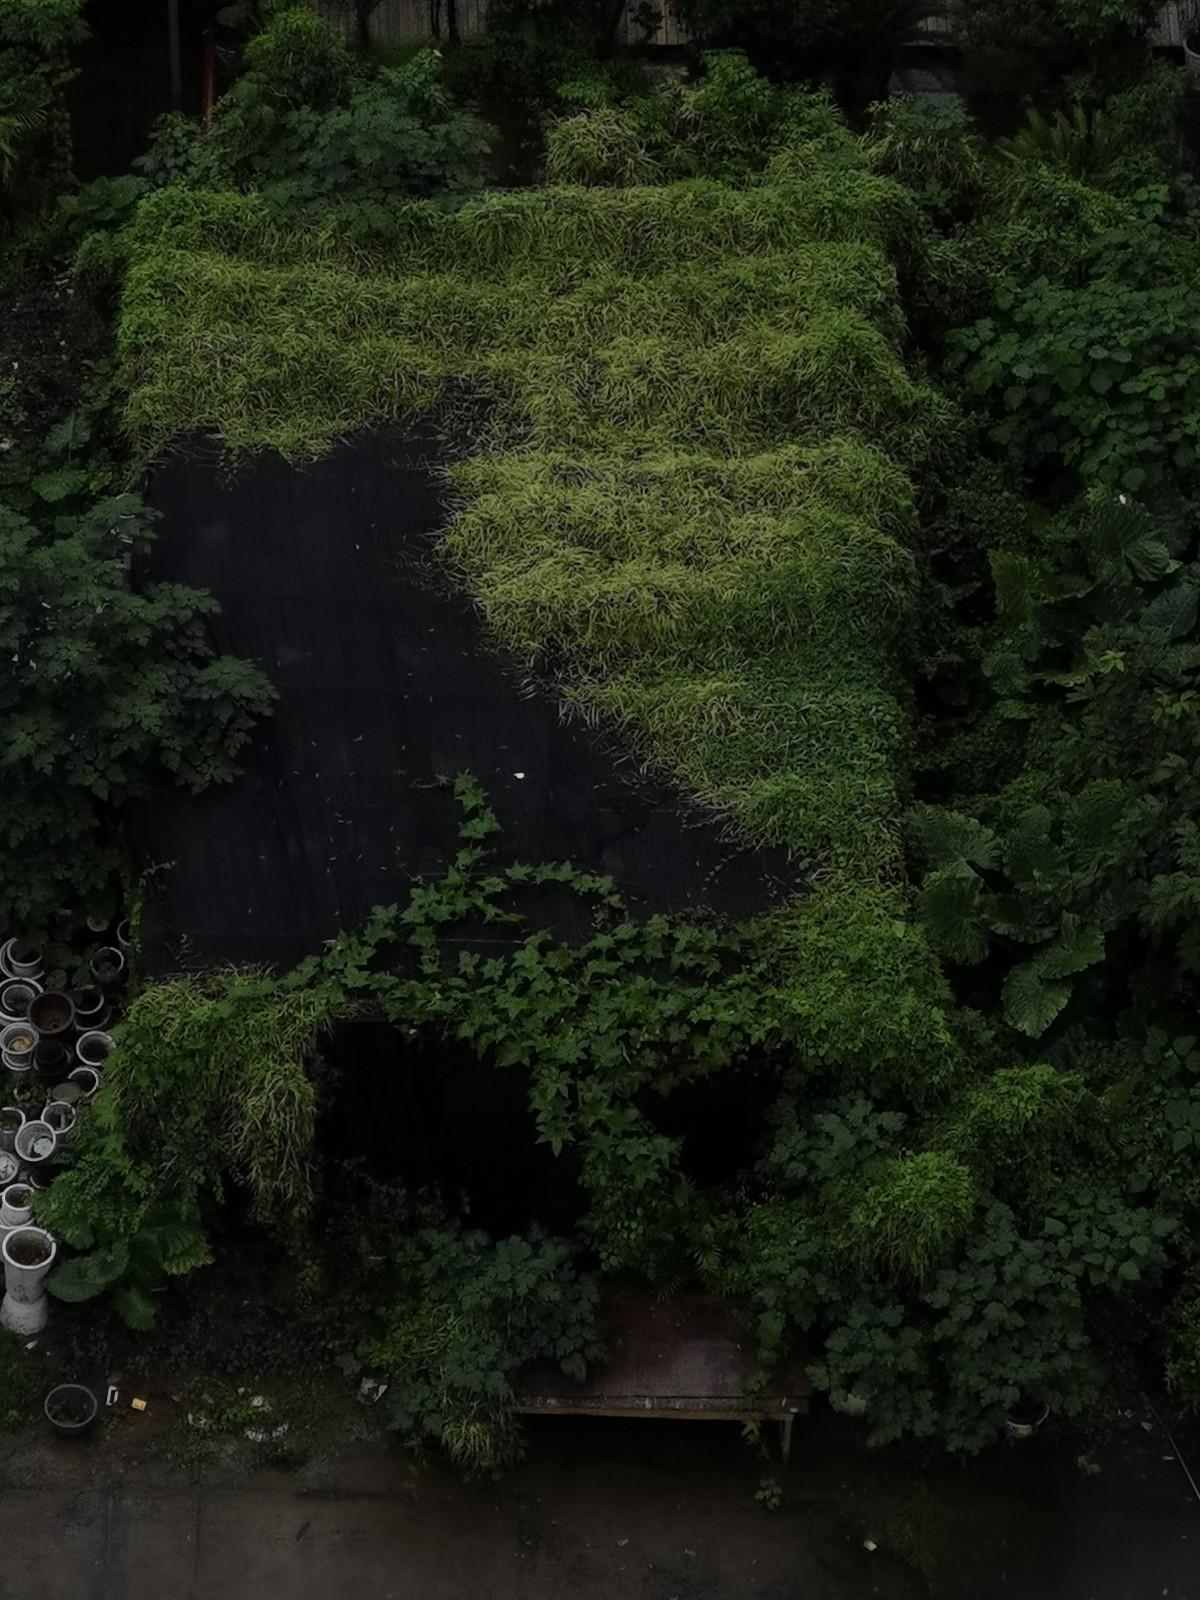 好想住进那被花草覆盖的小屋_图1-1